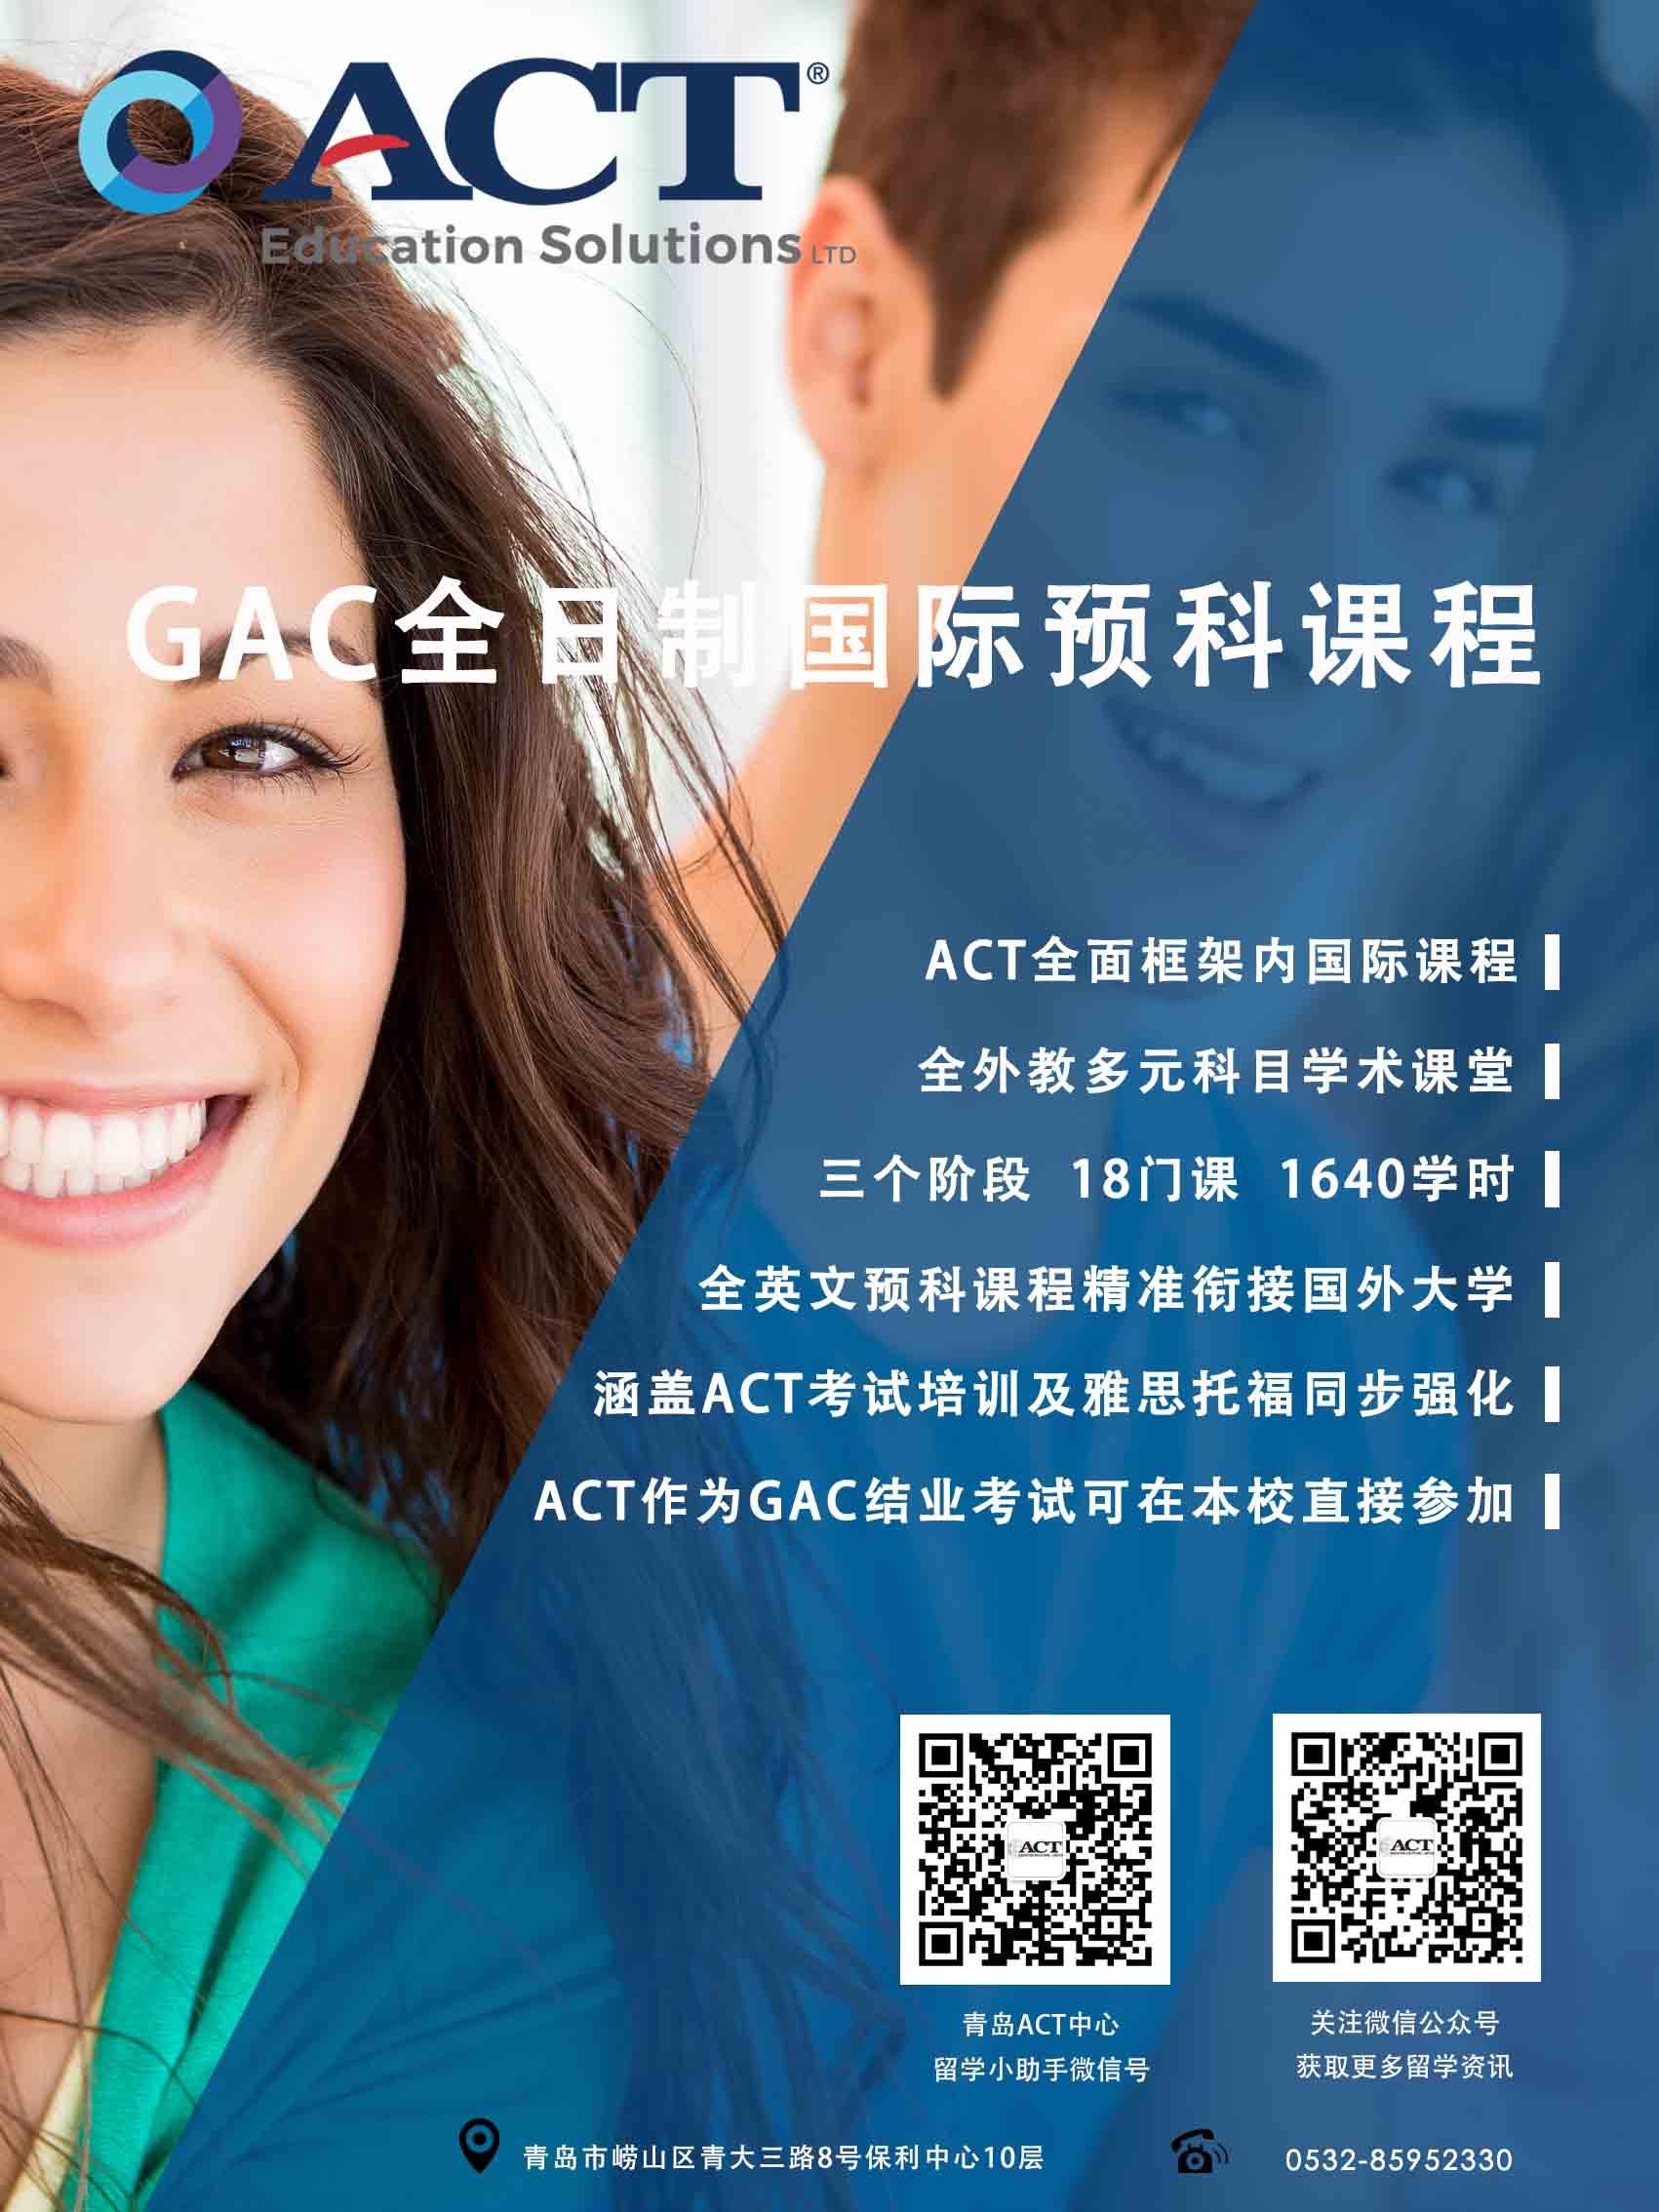 市南ACT培训课程-想找有365棋牌非绑定设备禁止登陆_365棋牌错误代码_独365棋牌的ACT培训就来蔼士天